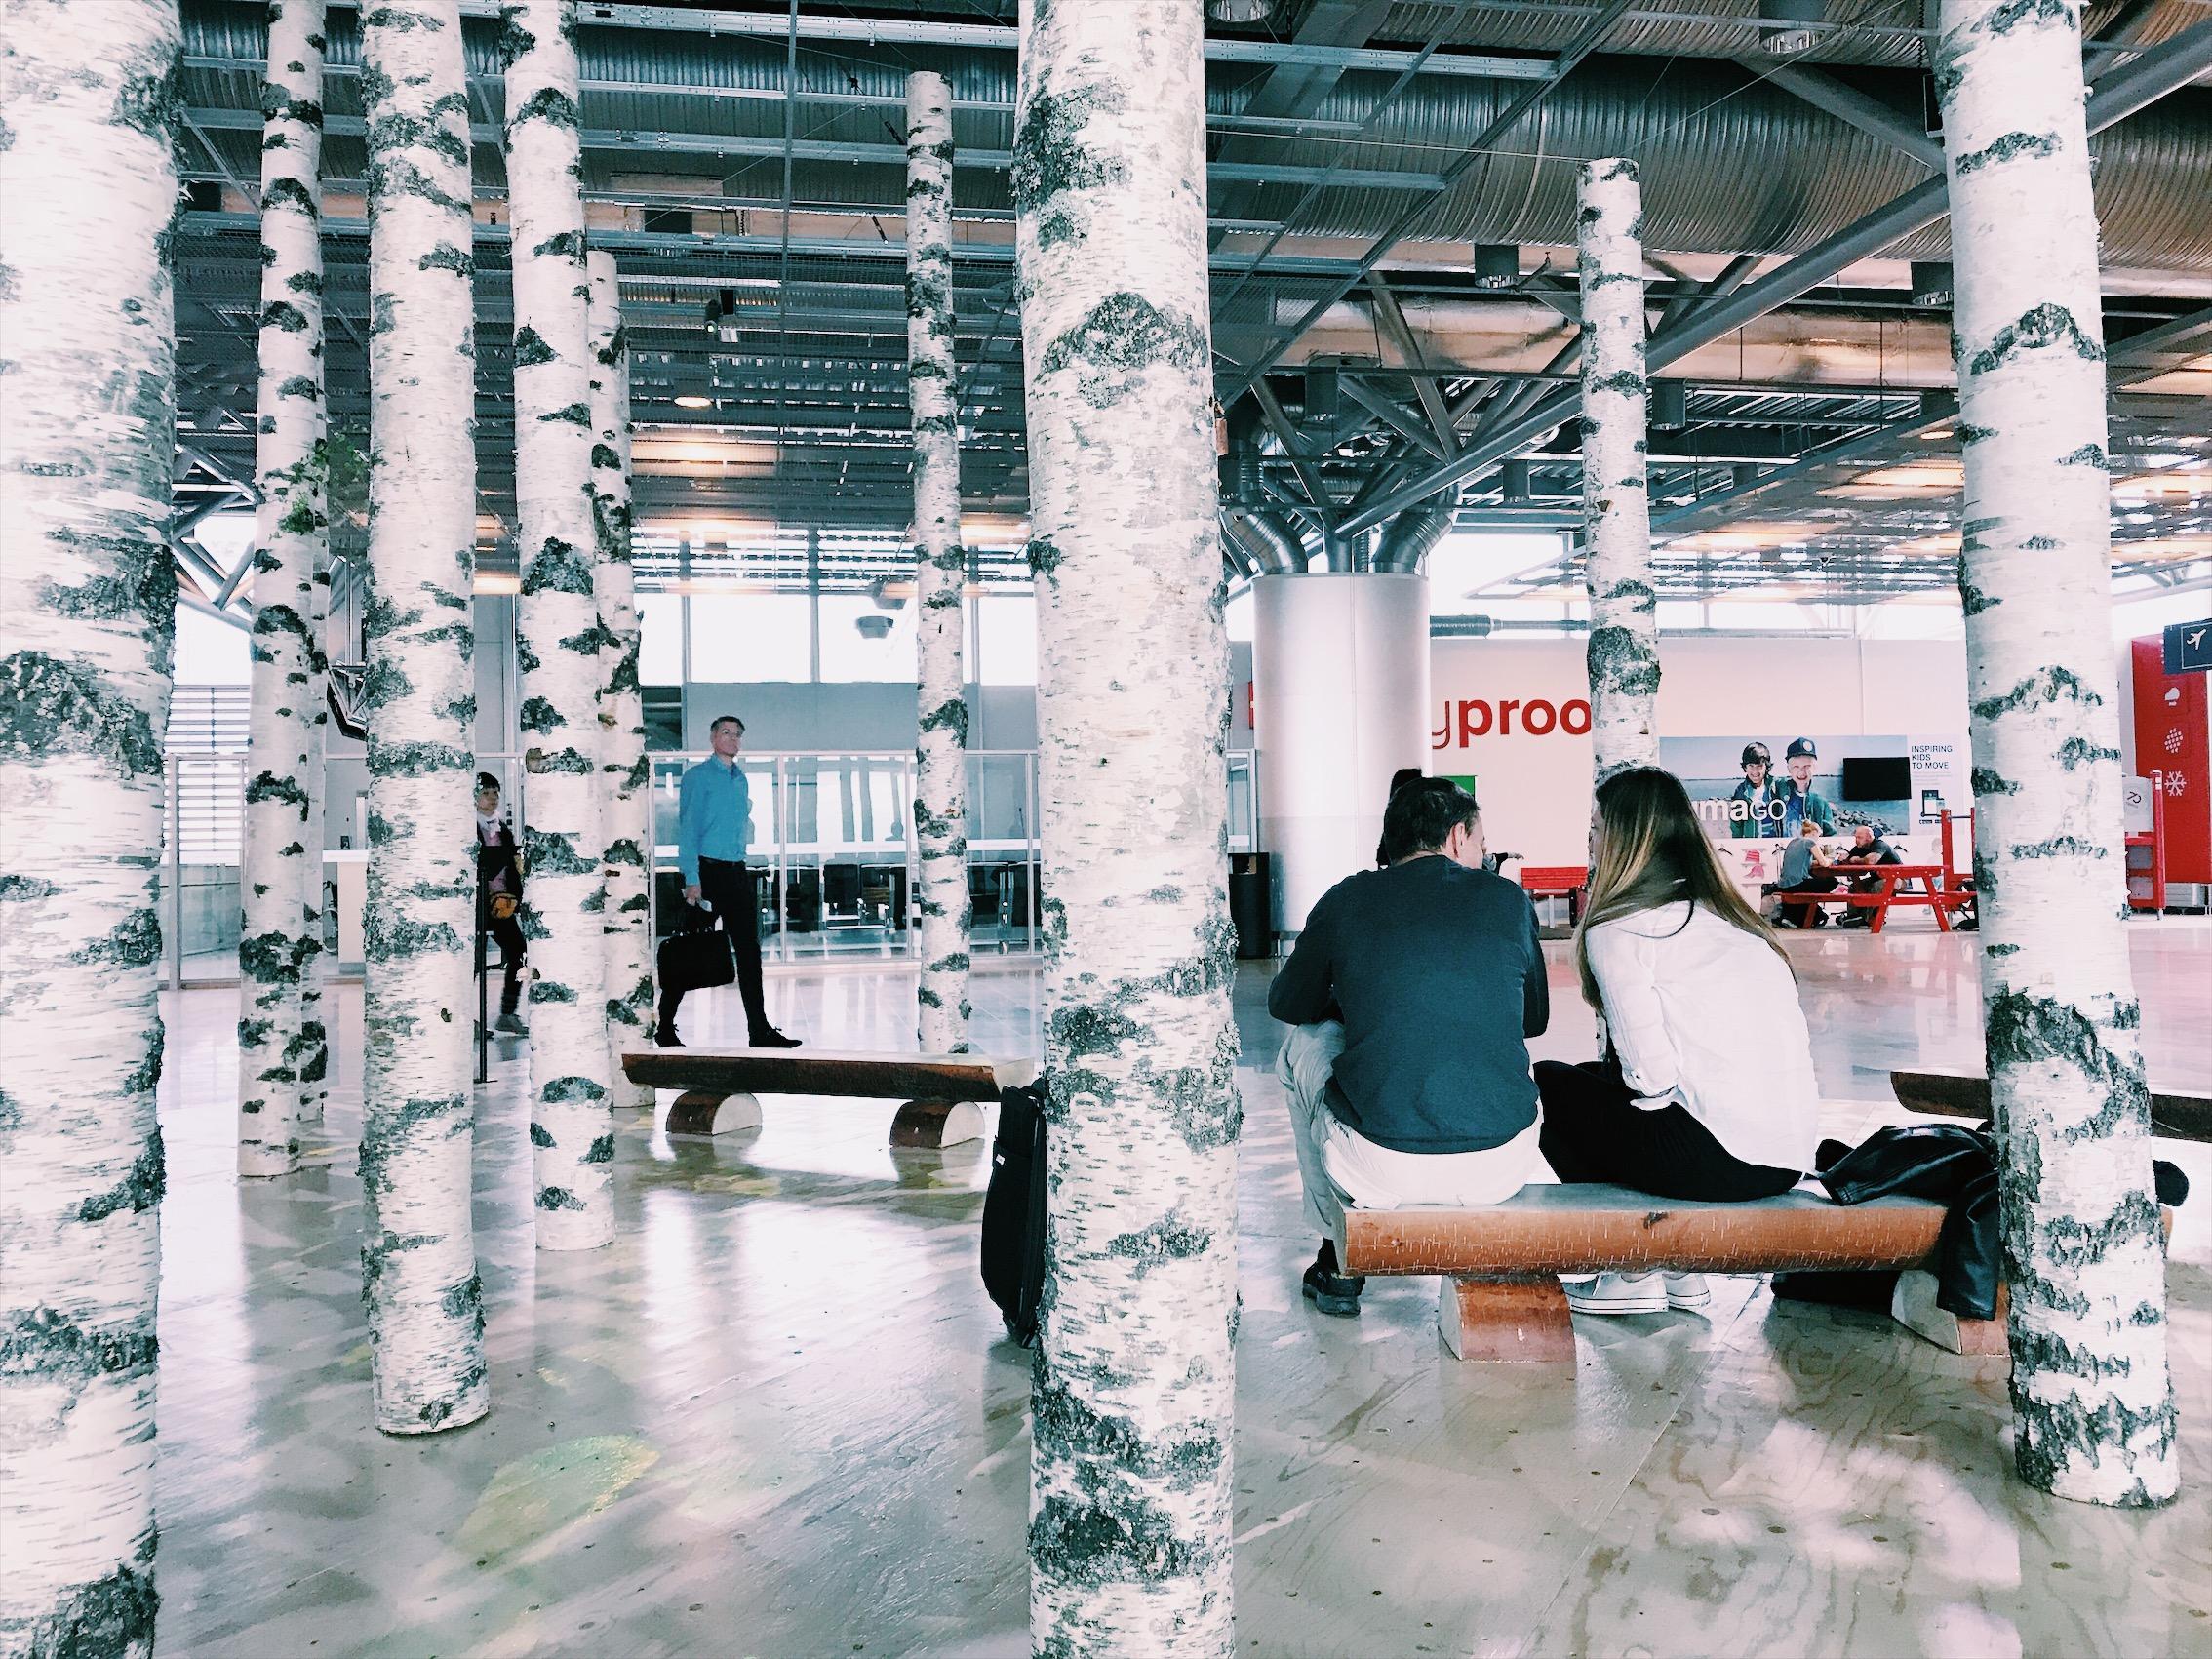 """フィンランドの空港にて。大勢の人がせわしなく行き交うにぎやかなエリアを通り抜けたところに、突然出現した、静かでいかにも""""フィンランド的""""な空間。(白樺は、フィンランドの""""国の木""""だよ。)"""